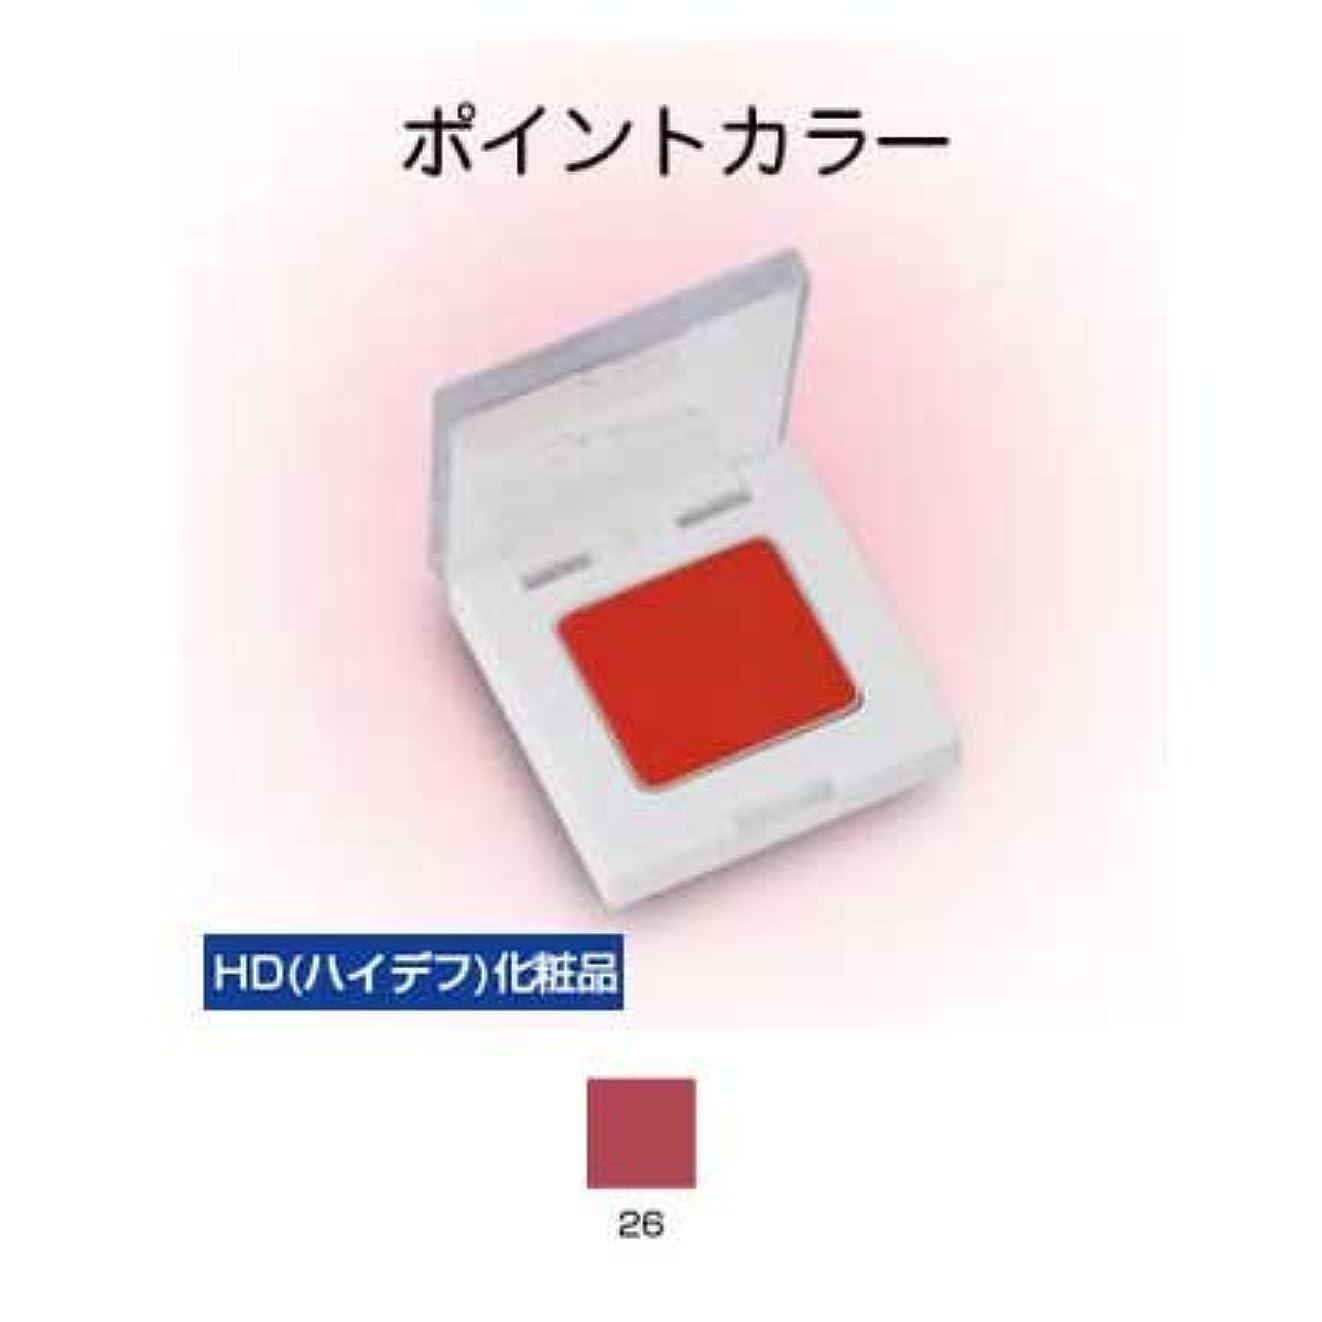 セットする材料ギャンブルシャレナ リップルージュ ミニ 26【三善】